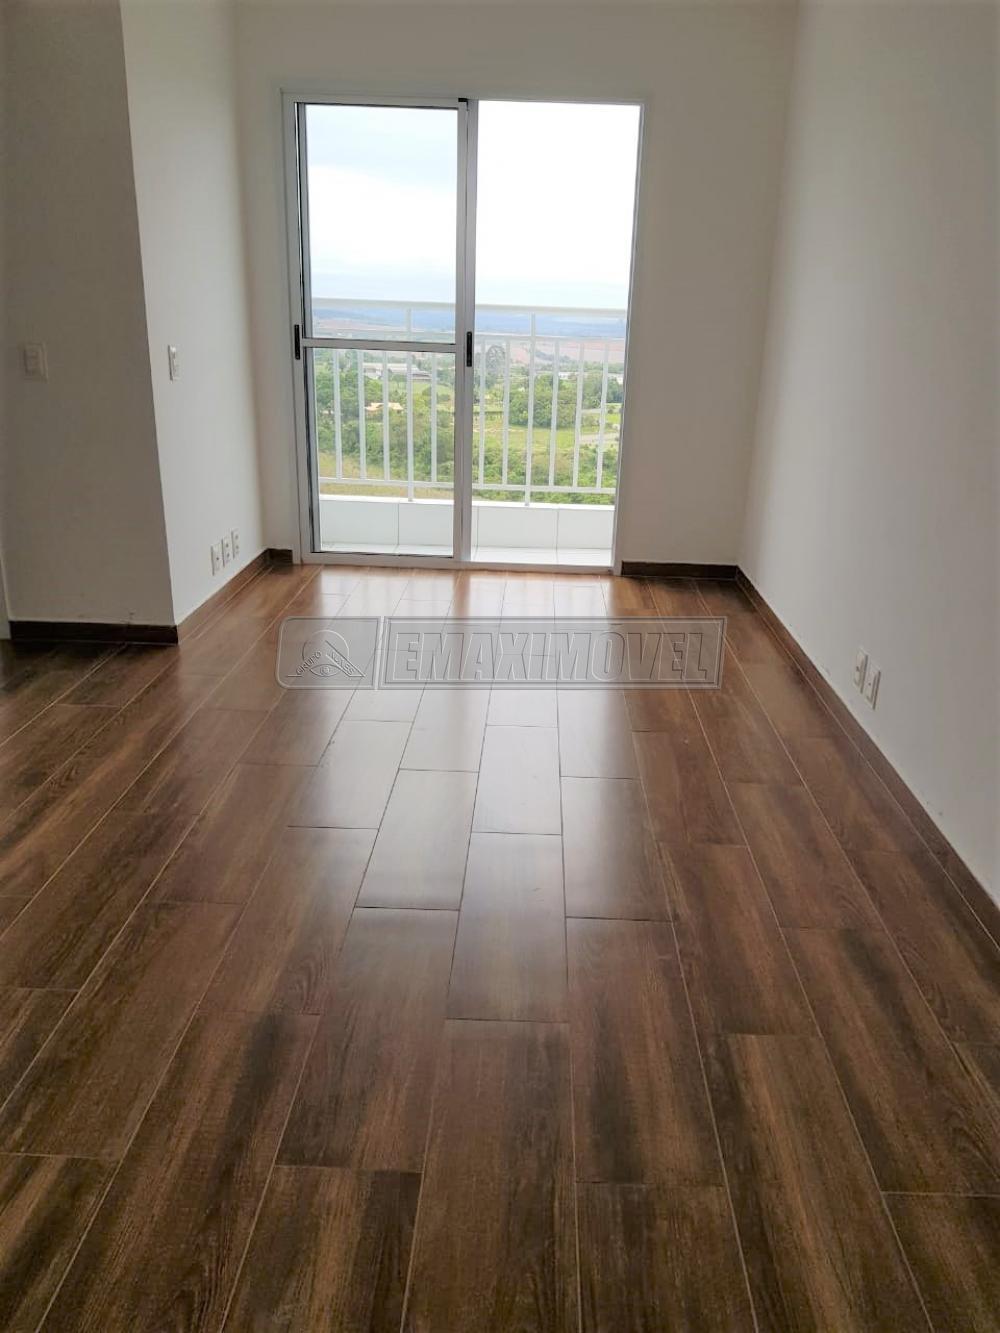 Alugar Apartamentos / Apto Padrão em Sorocaba apenas R$ 800,00 - Foto 2